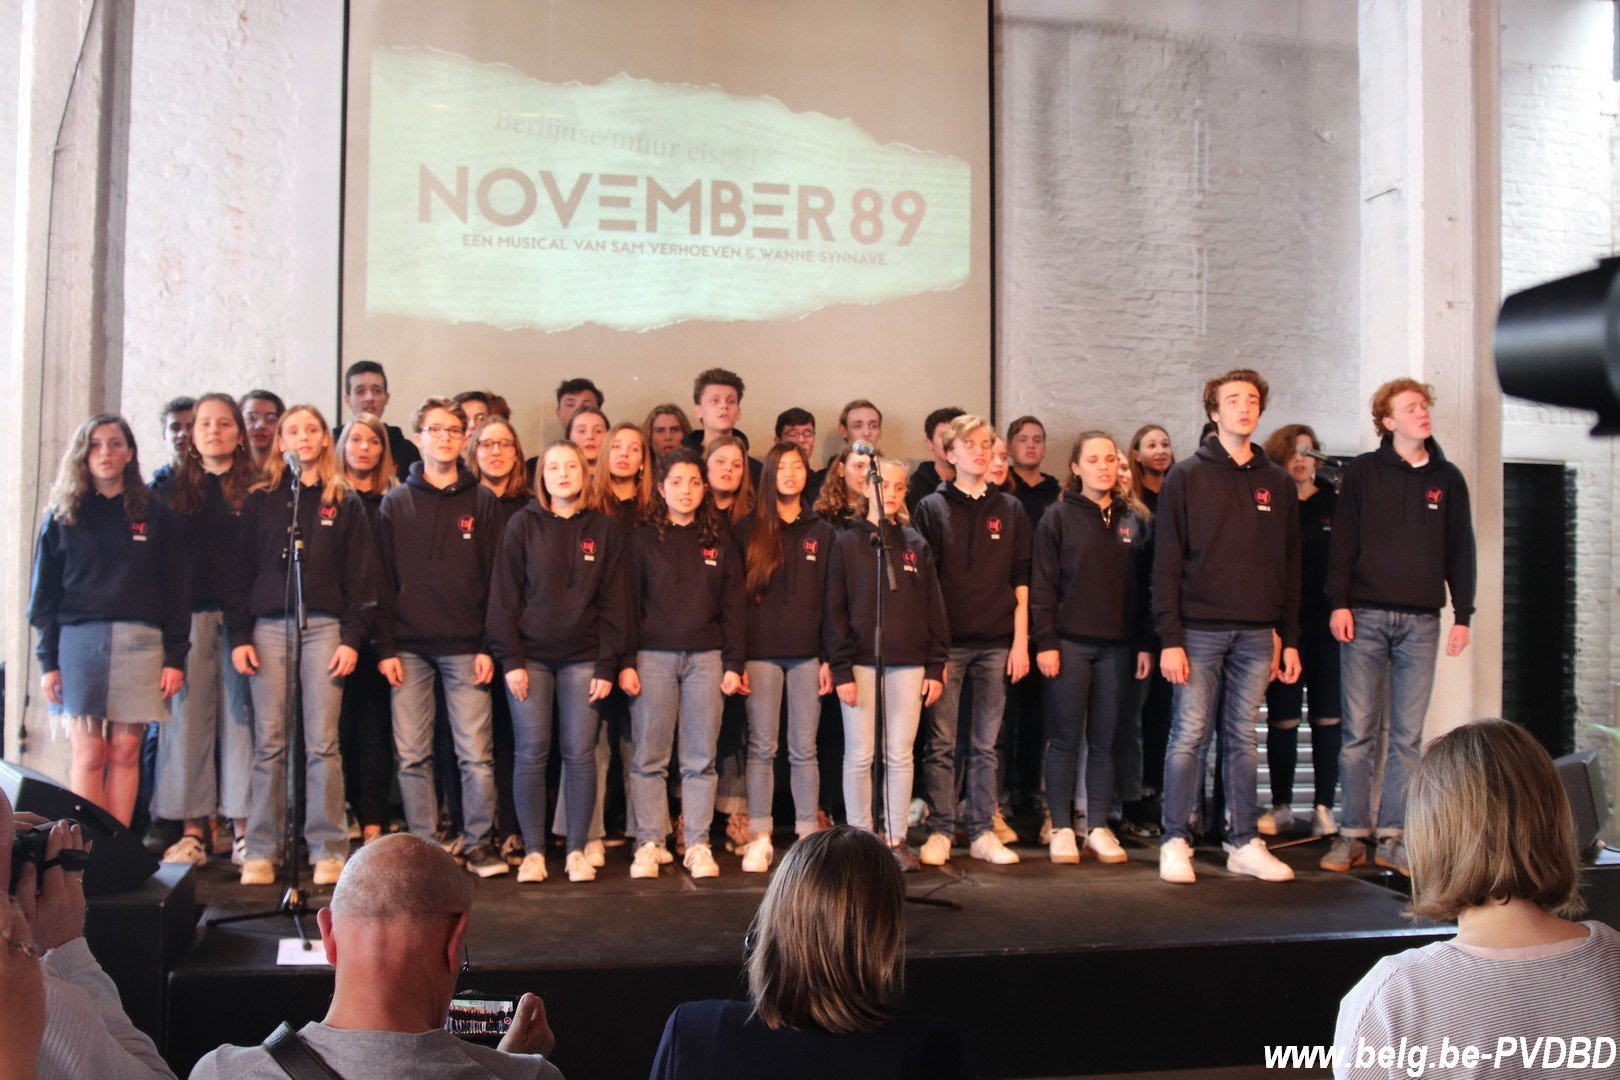 'November 89' spraakmakende musical over het leven achter de Berlijnse Muur - IMG 1099